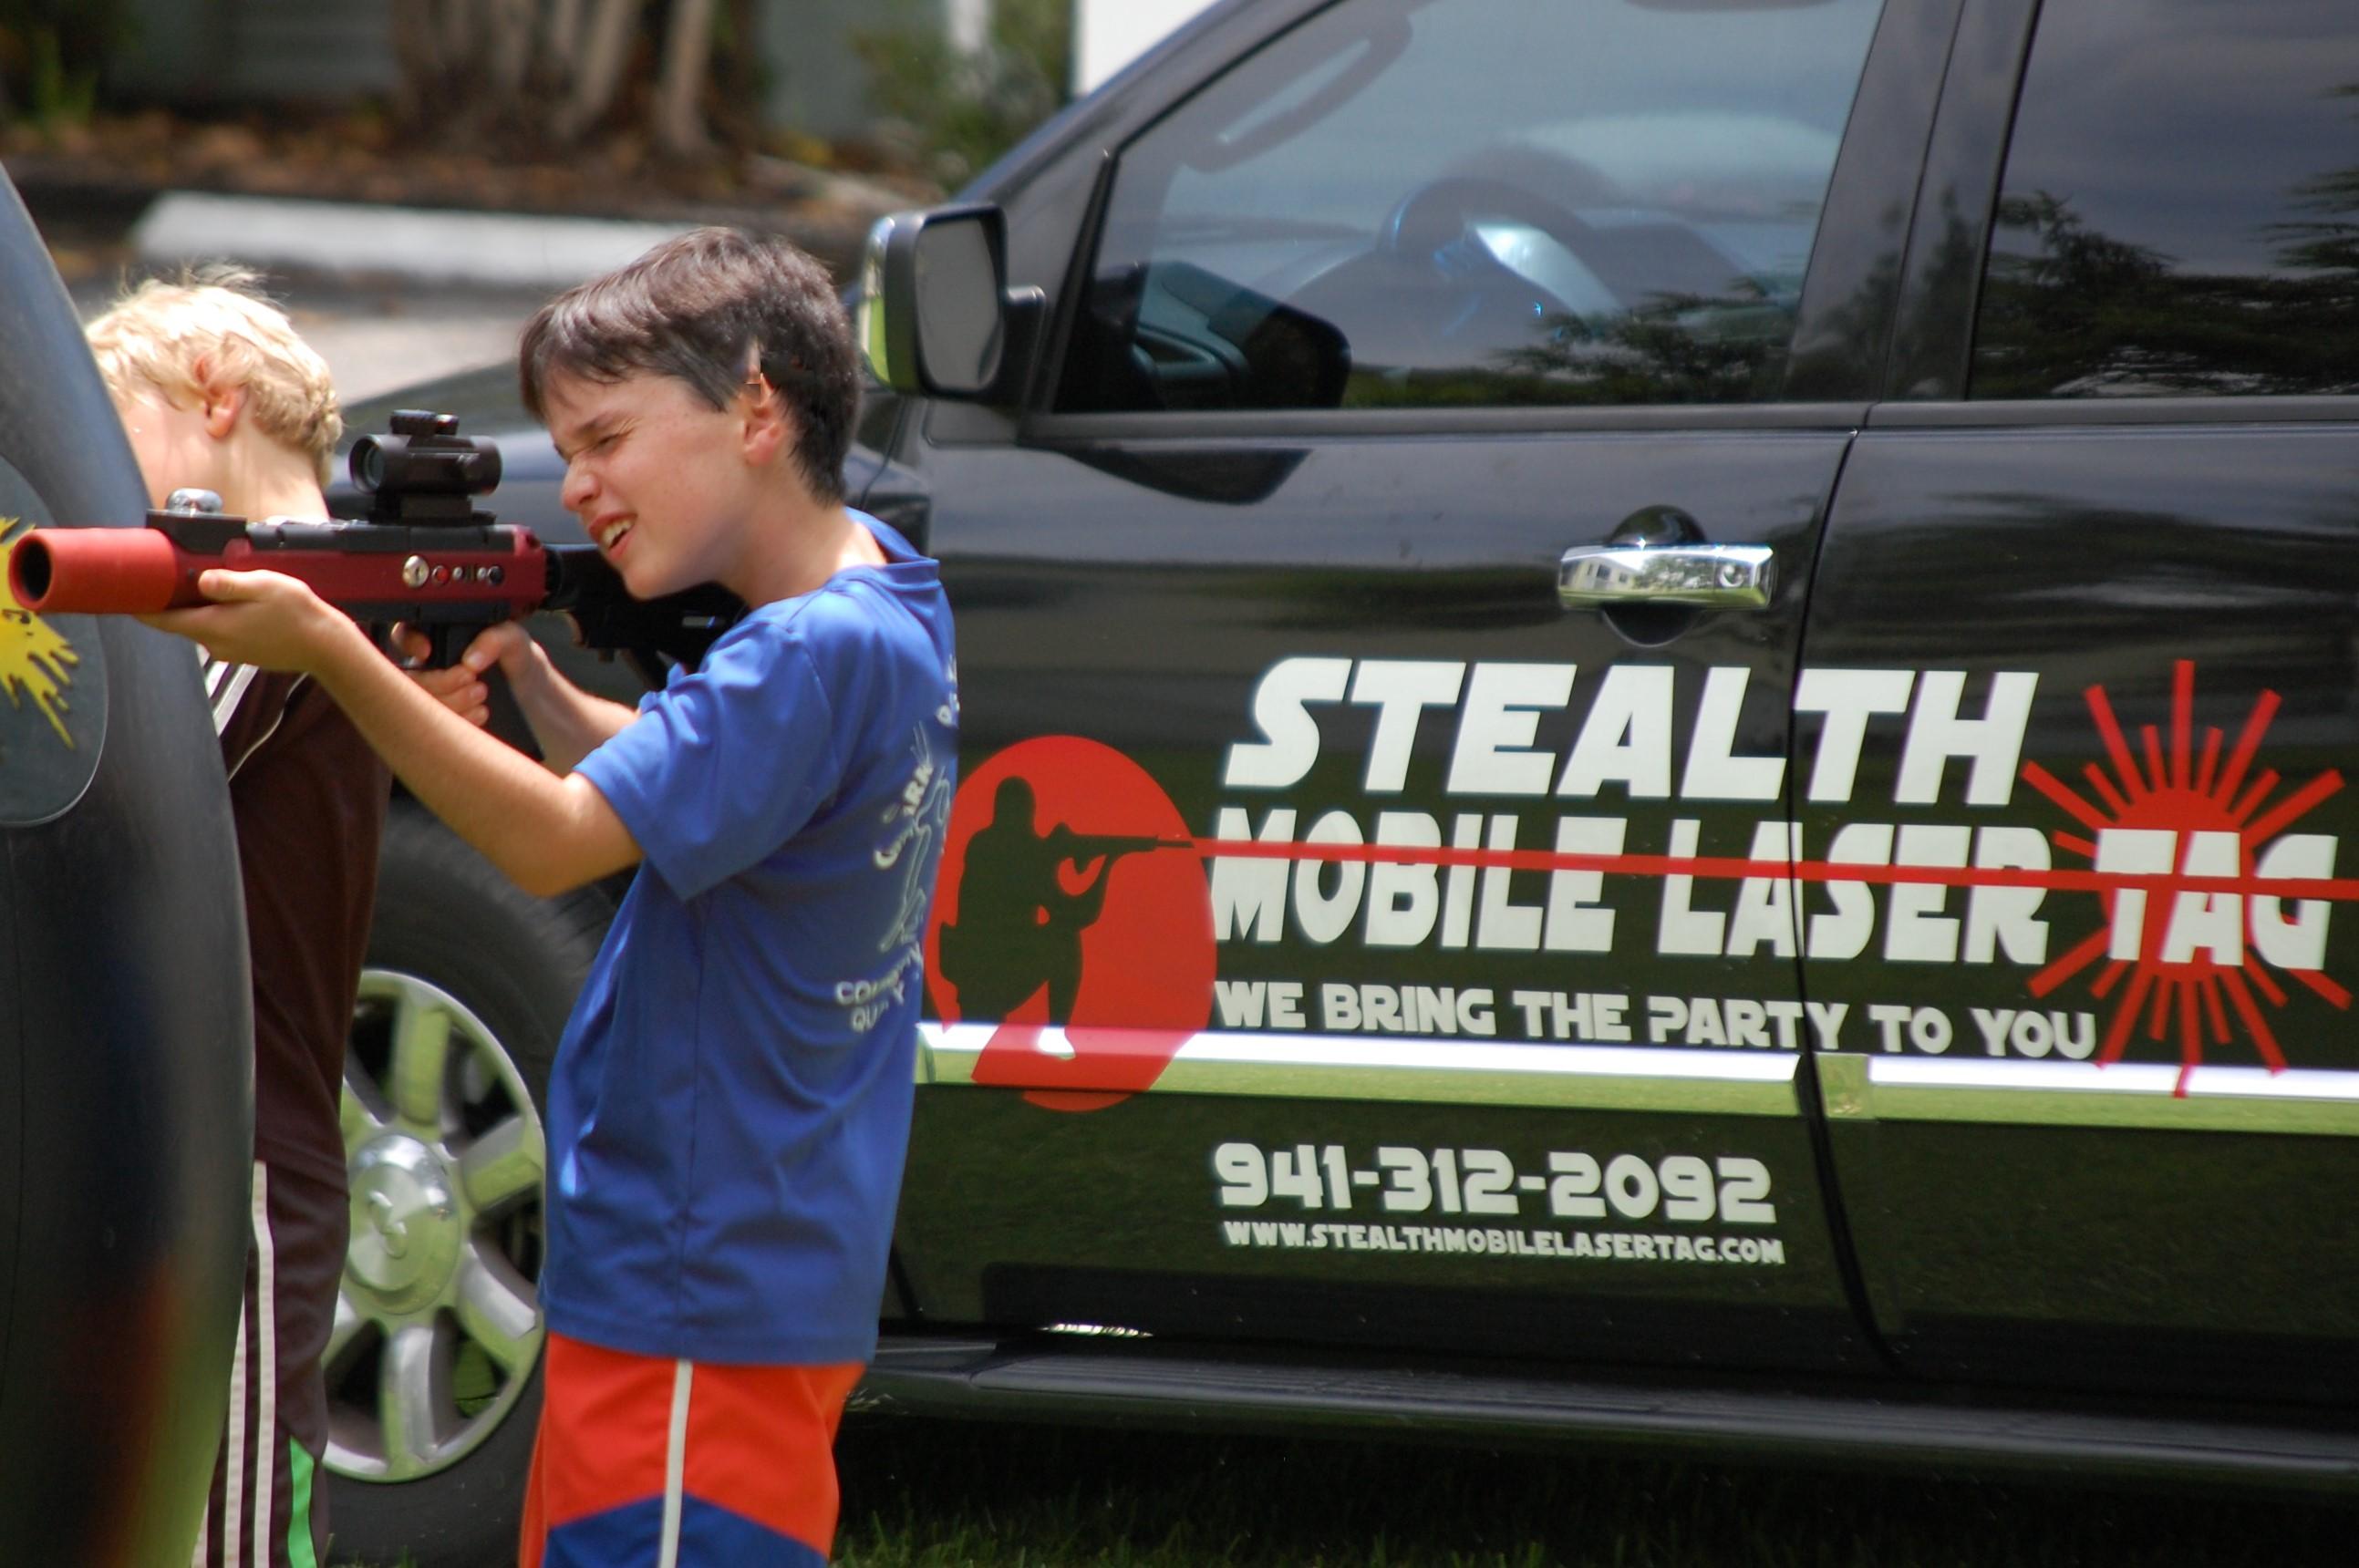 Mobile Laser Tag in Sarasota, FL (19)